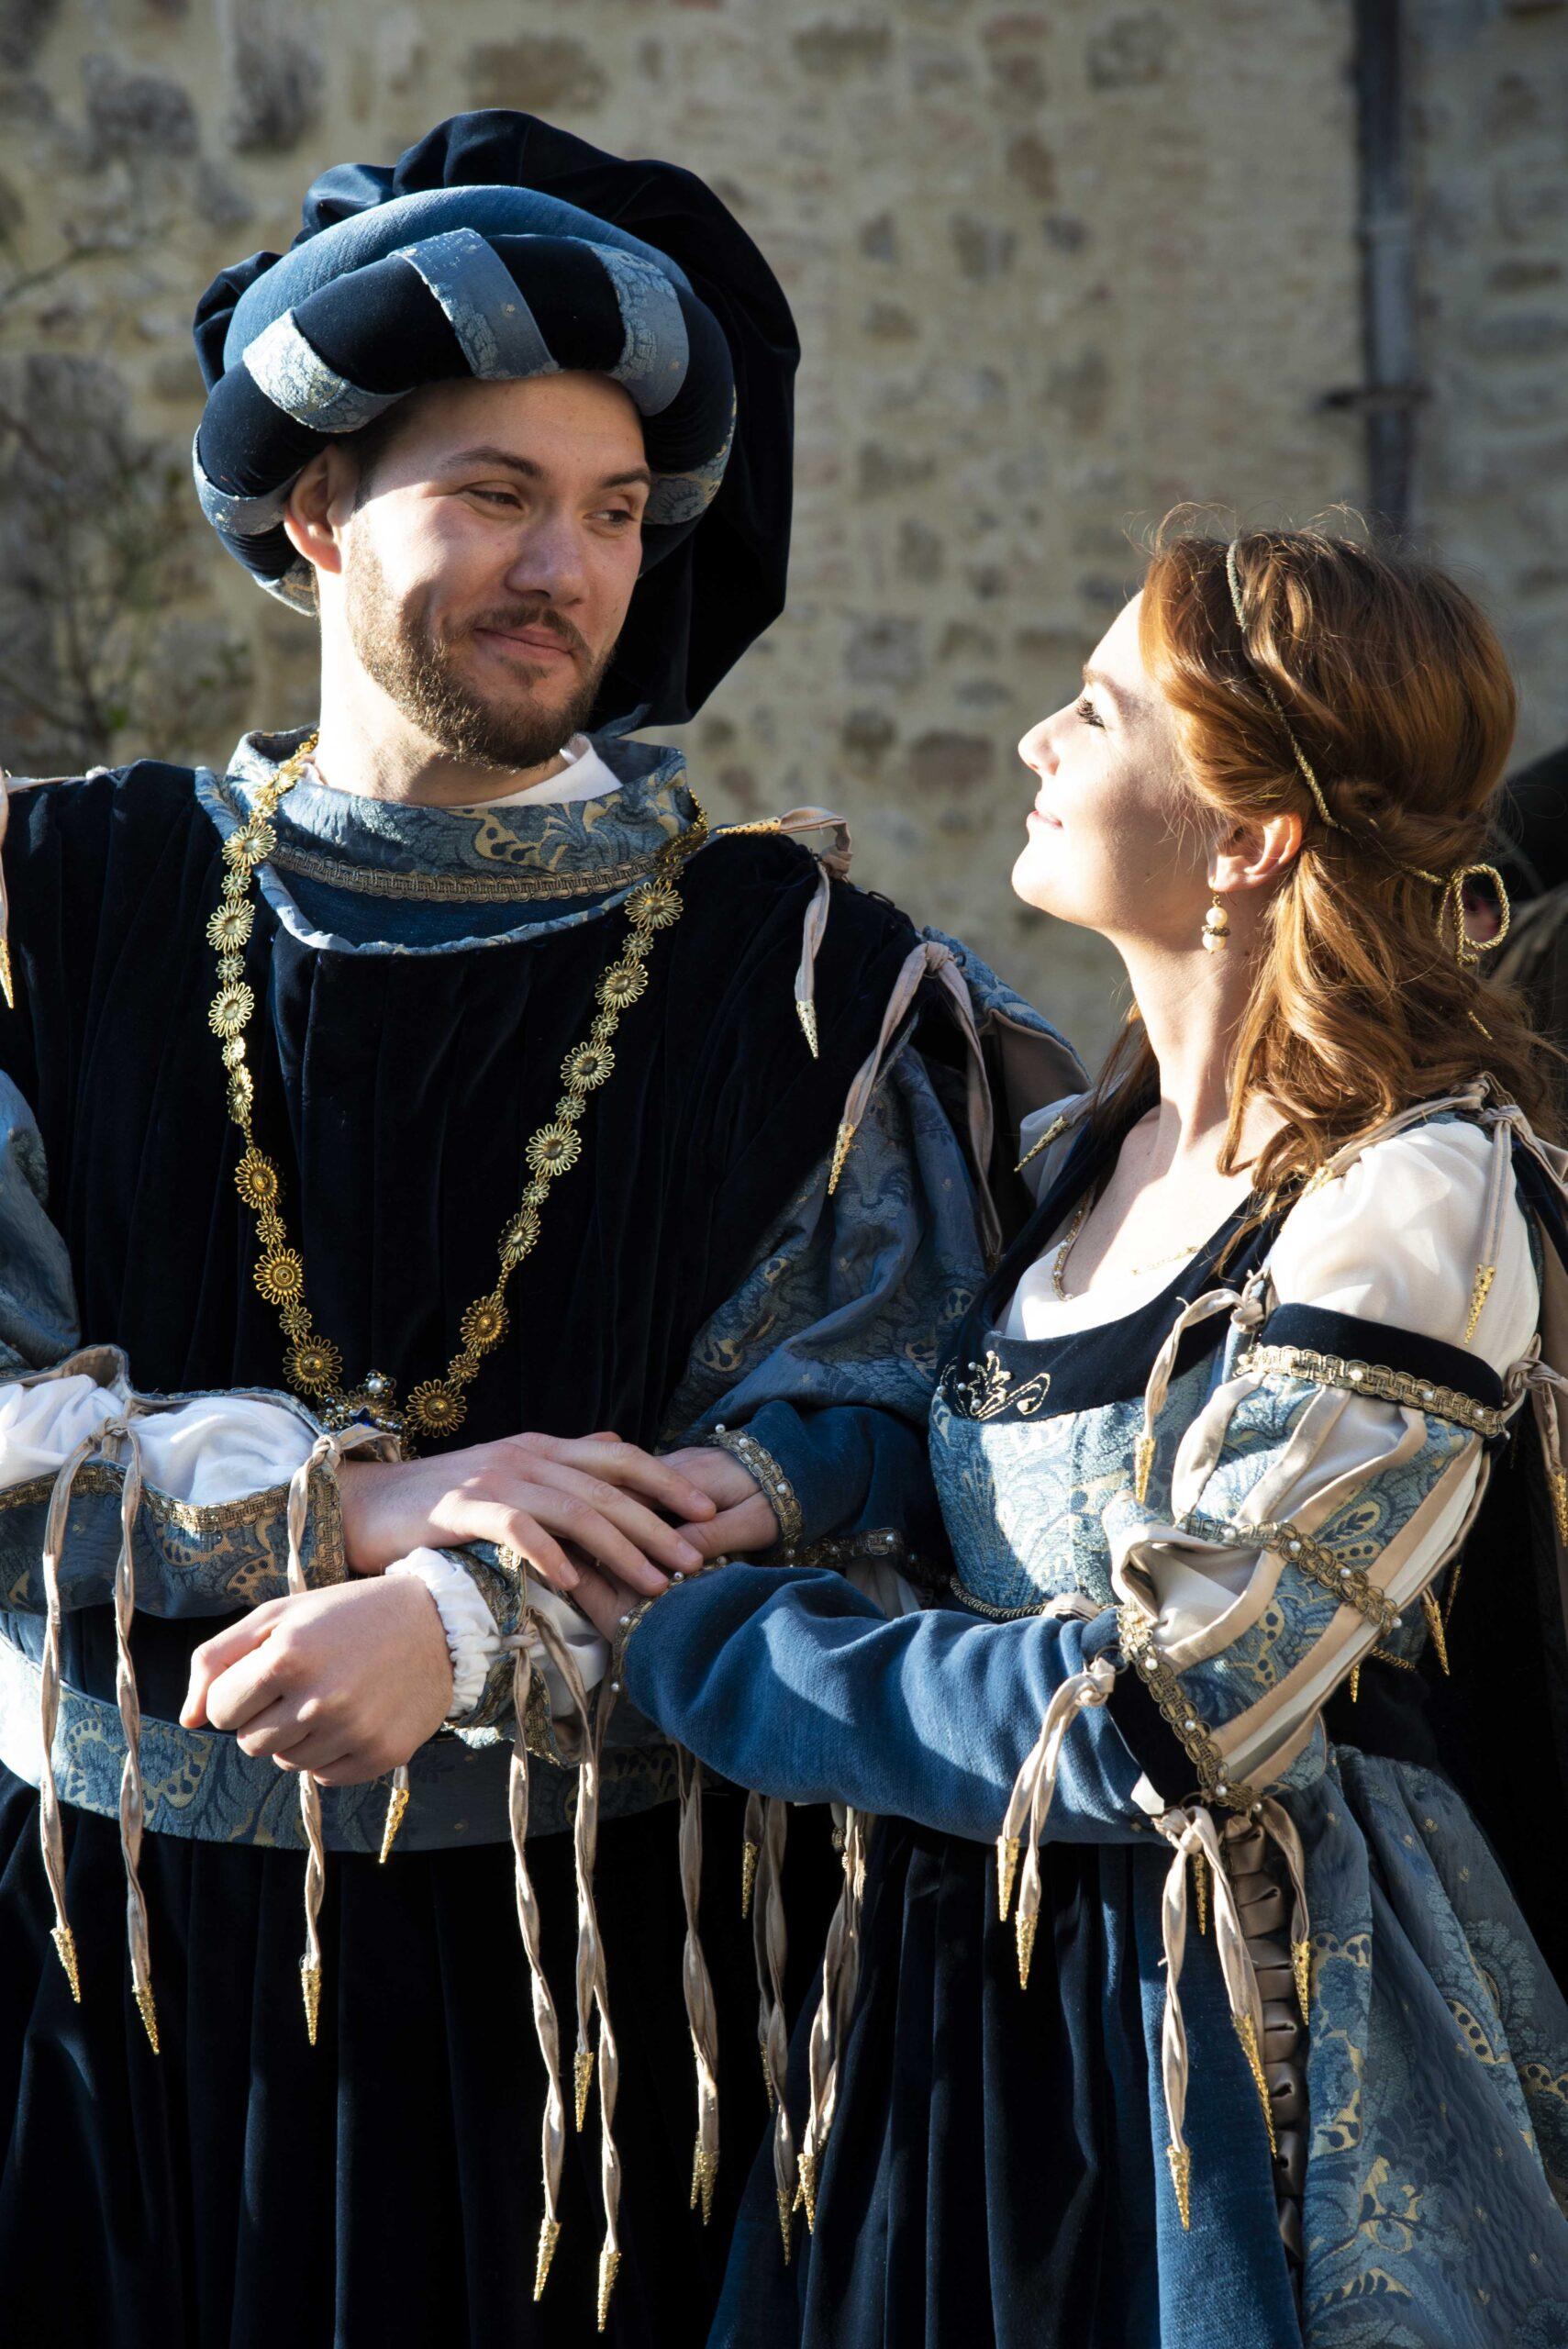 A medieval wedding